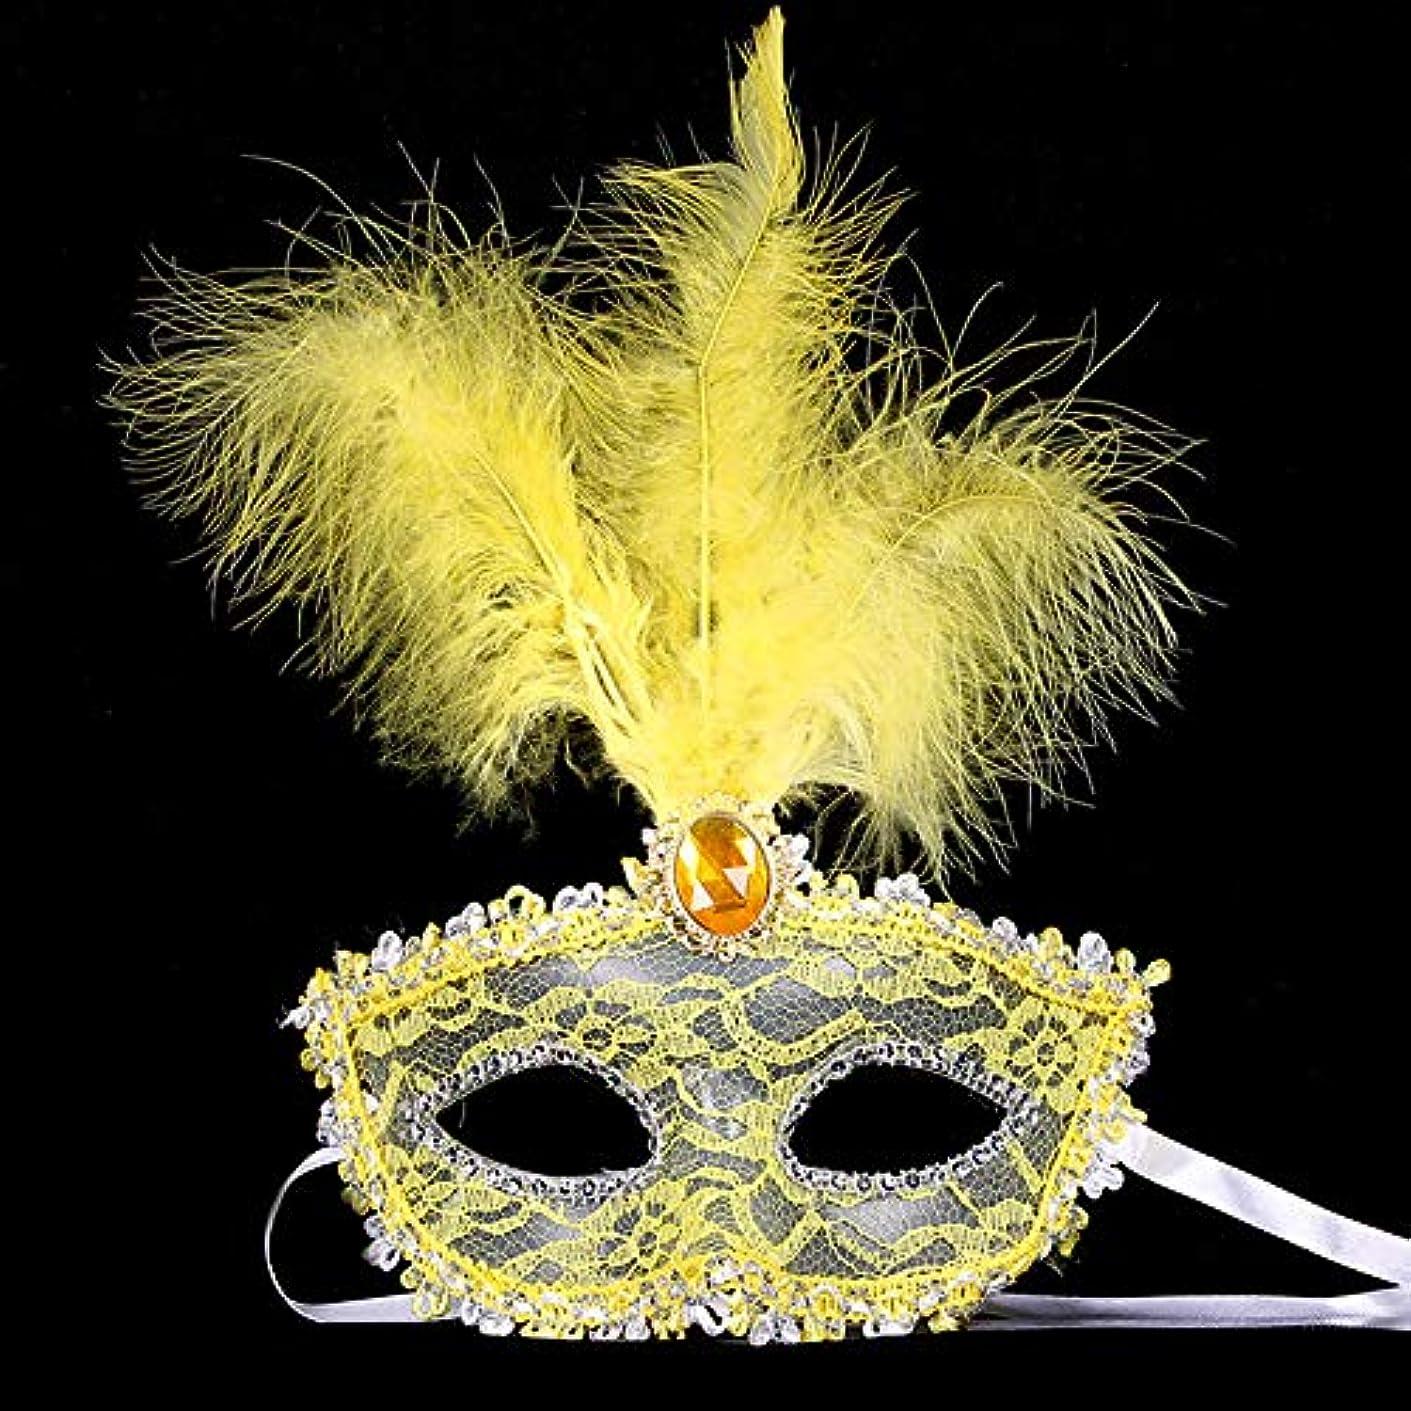 ジャニスプロペラすきフェザーマスク、プロムパーティーバーハロウィンクリスマスパーティーのためのフェザーレースパーティーマスカレードマスク,イエロー